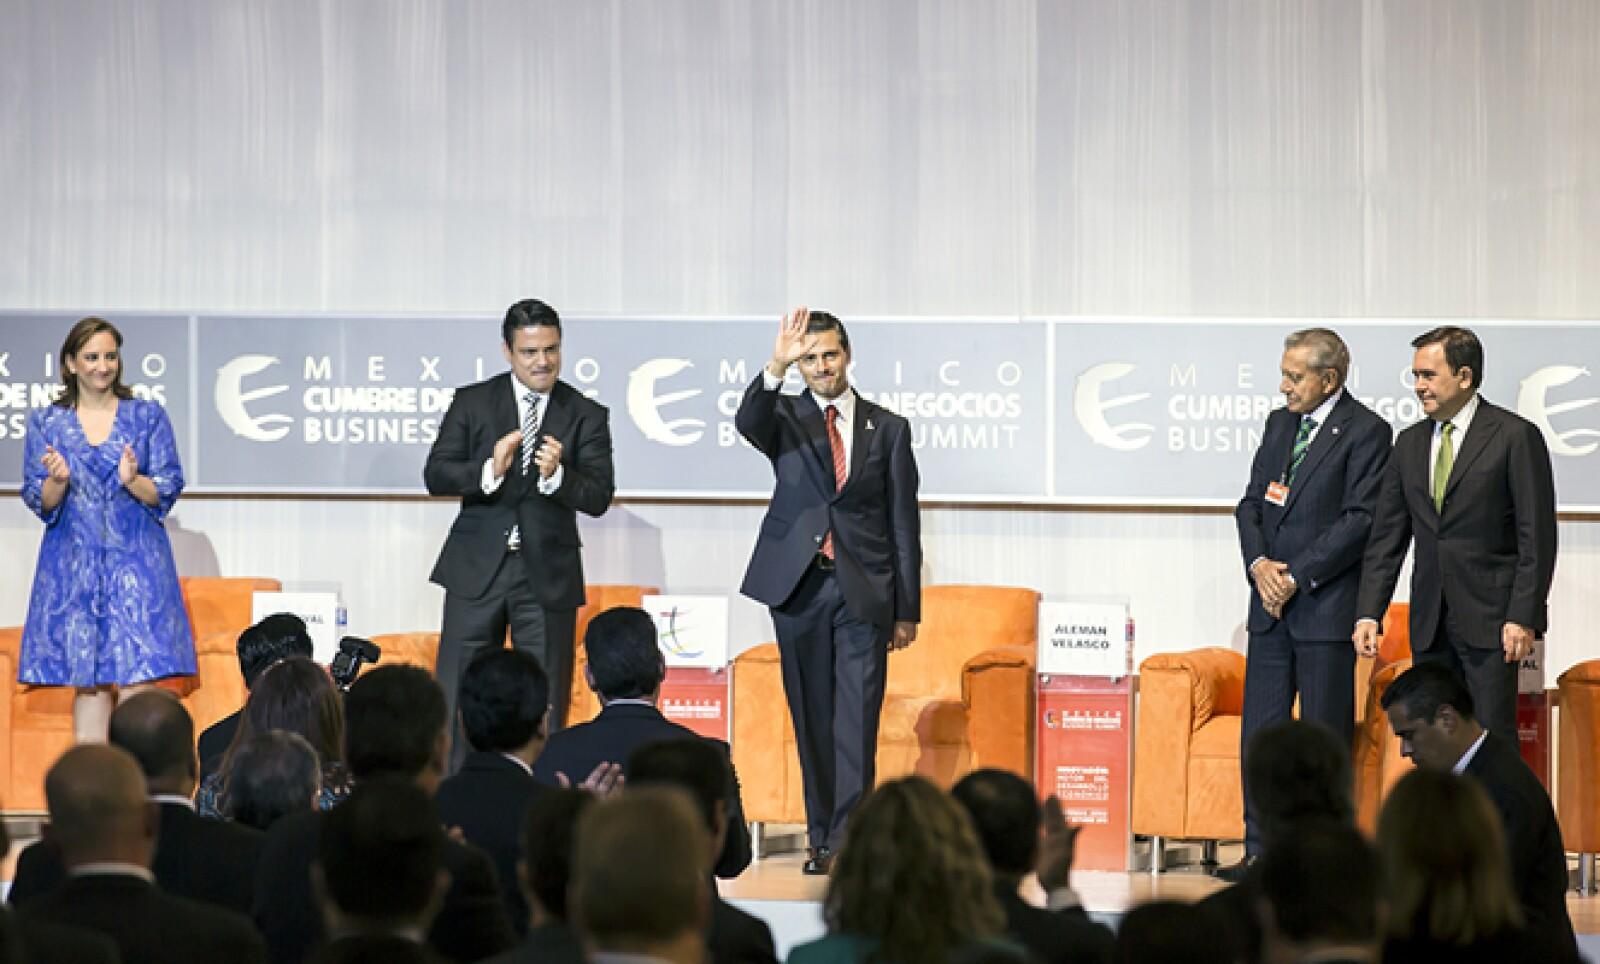 El presidente de México dijo que su Gobierno aún no alcanza la meta de dedicar 1% del PIB a innovación pues hasta hoy se destina 0.56%.